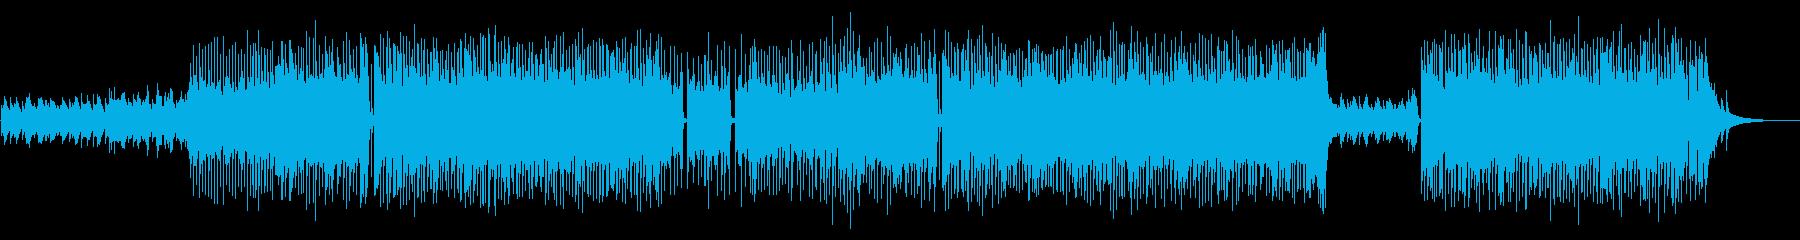 爽やかで軽快なポップスBGMの再生済みの波形